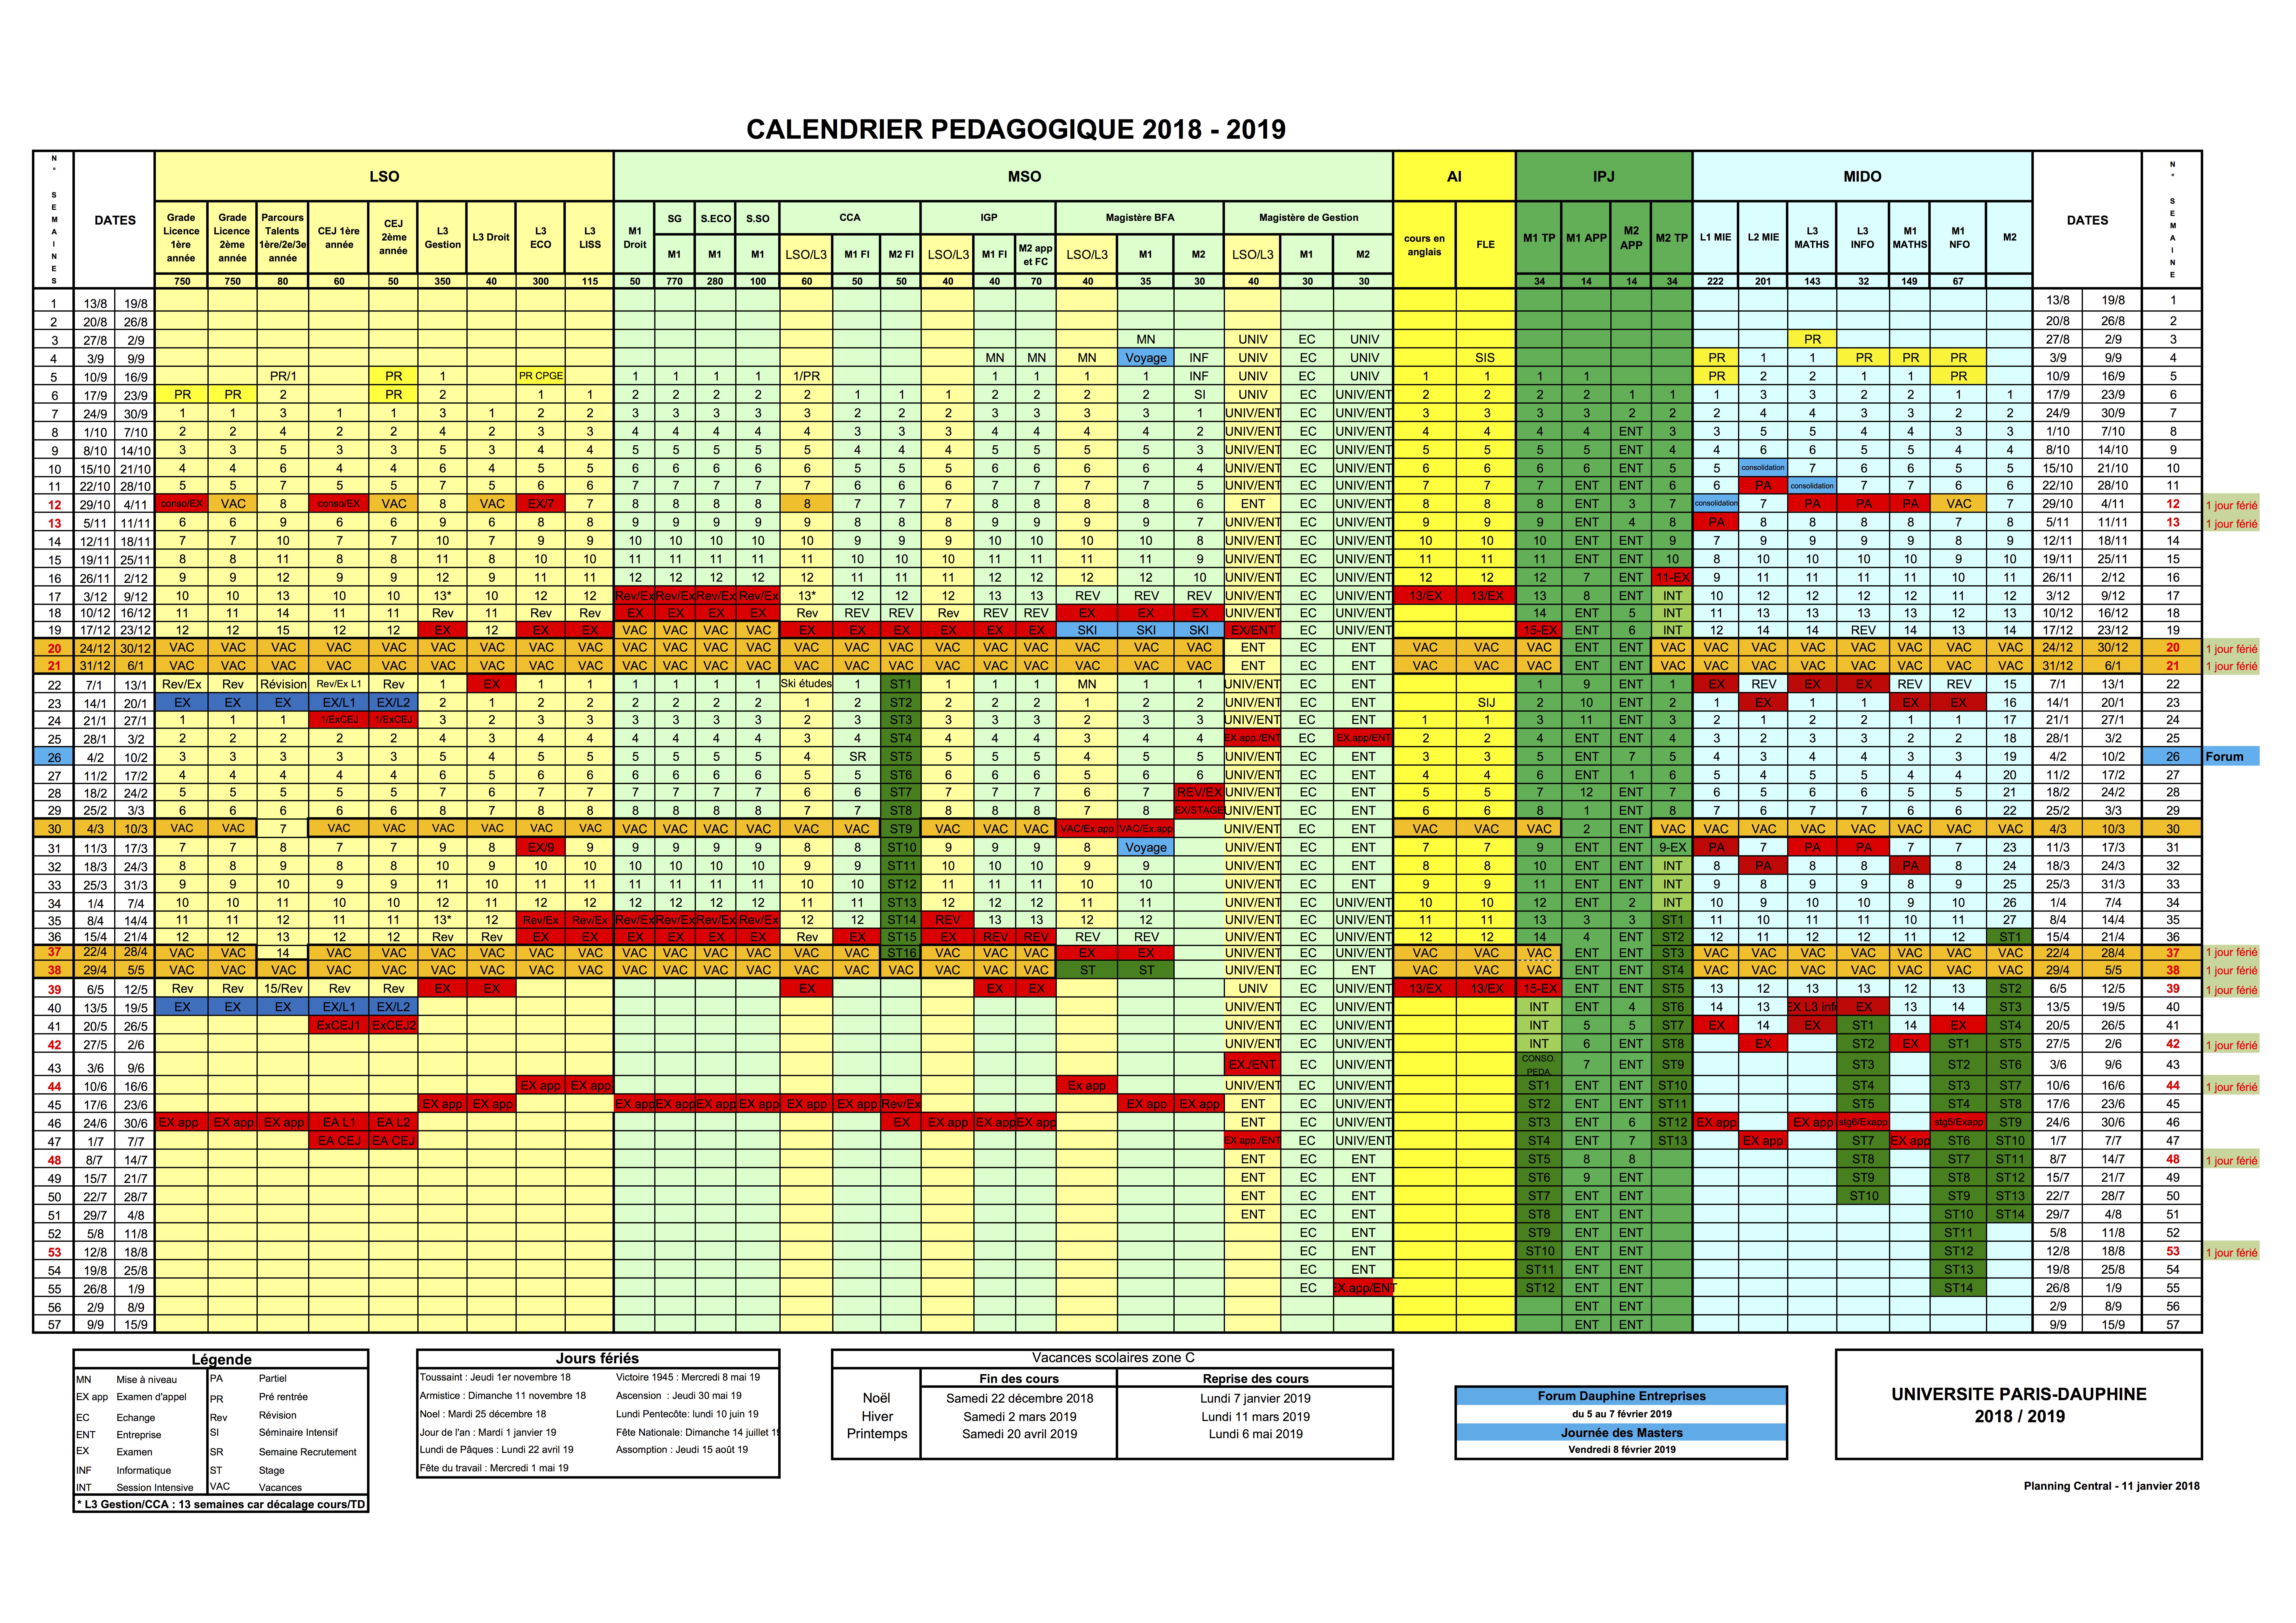 Calendrier Pédagogique Dauphine 2022 Calendrier Mar 2021: Calendrier Pédagogique Dauphine 2021 2022